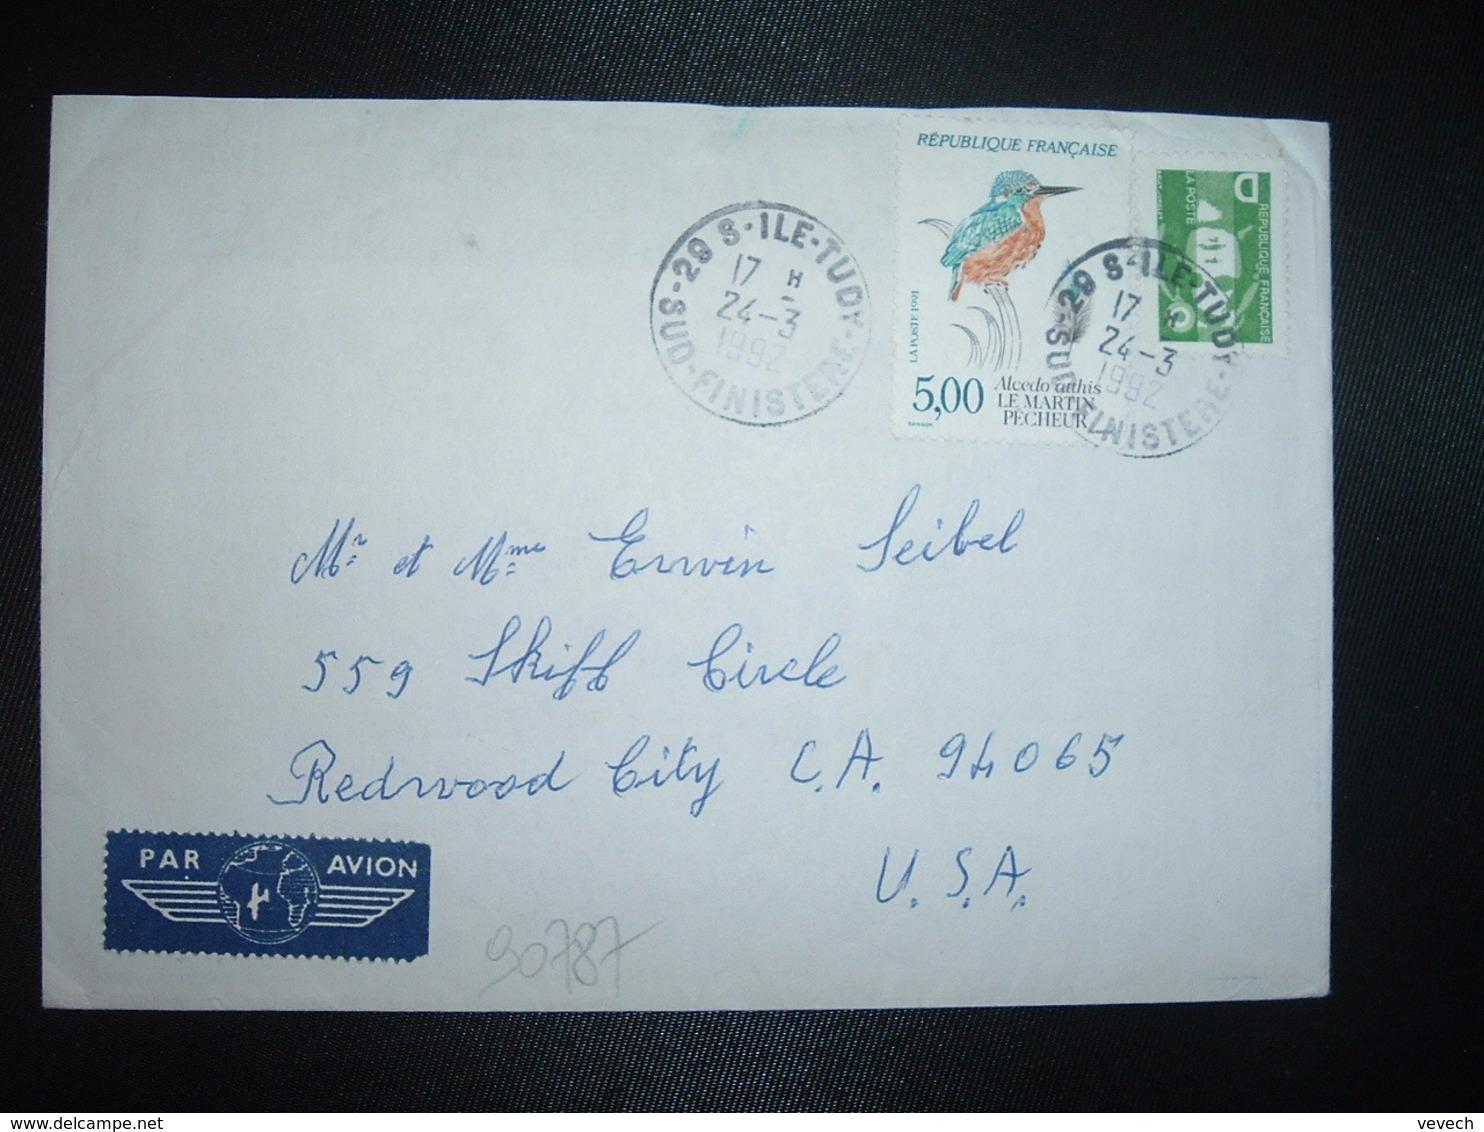 LETTRE Pour USA TP MARTIN PECHEUR 5,00 + M. DE BRIAT D VERT OBL.24-3 1992 29 S ILE TUDY SUD  FINISTERE - Marcophilie (Lettres)